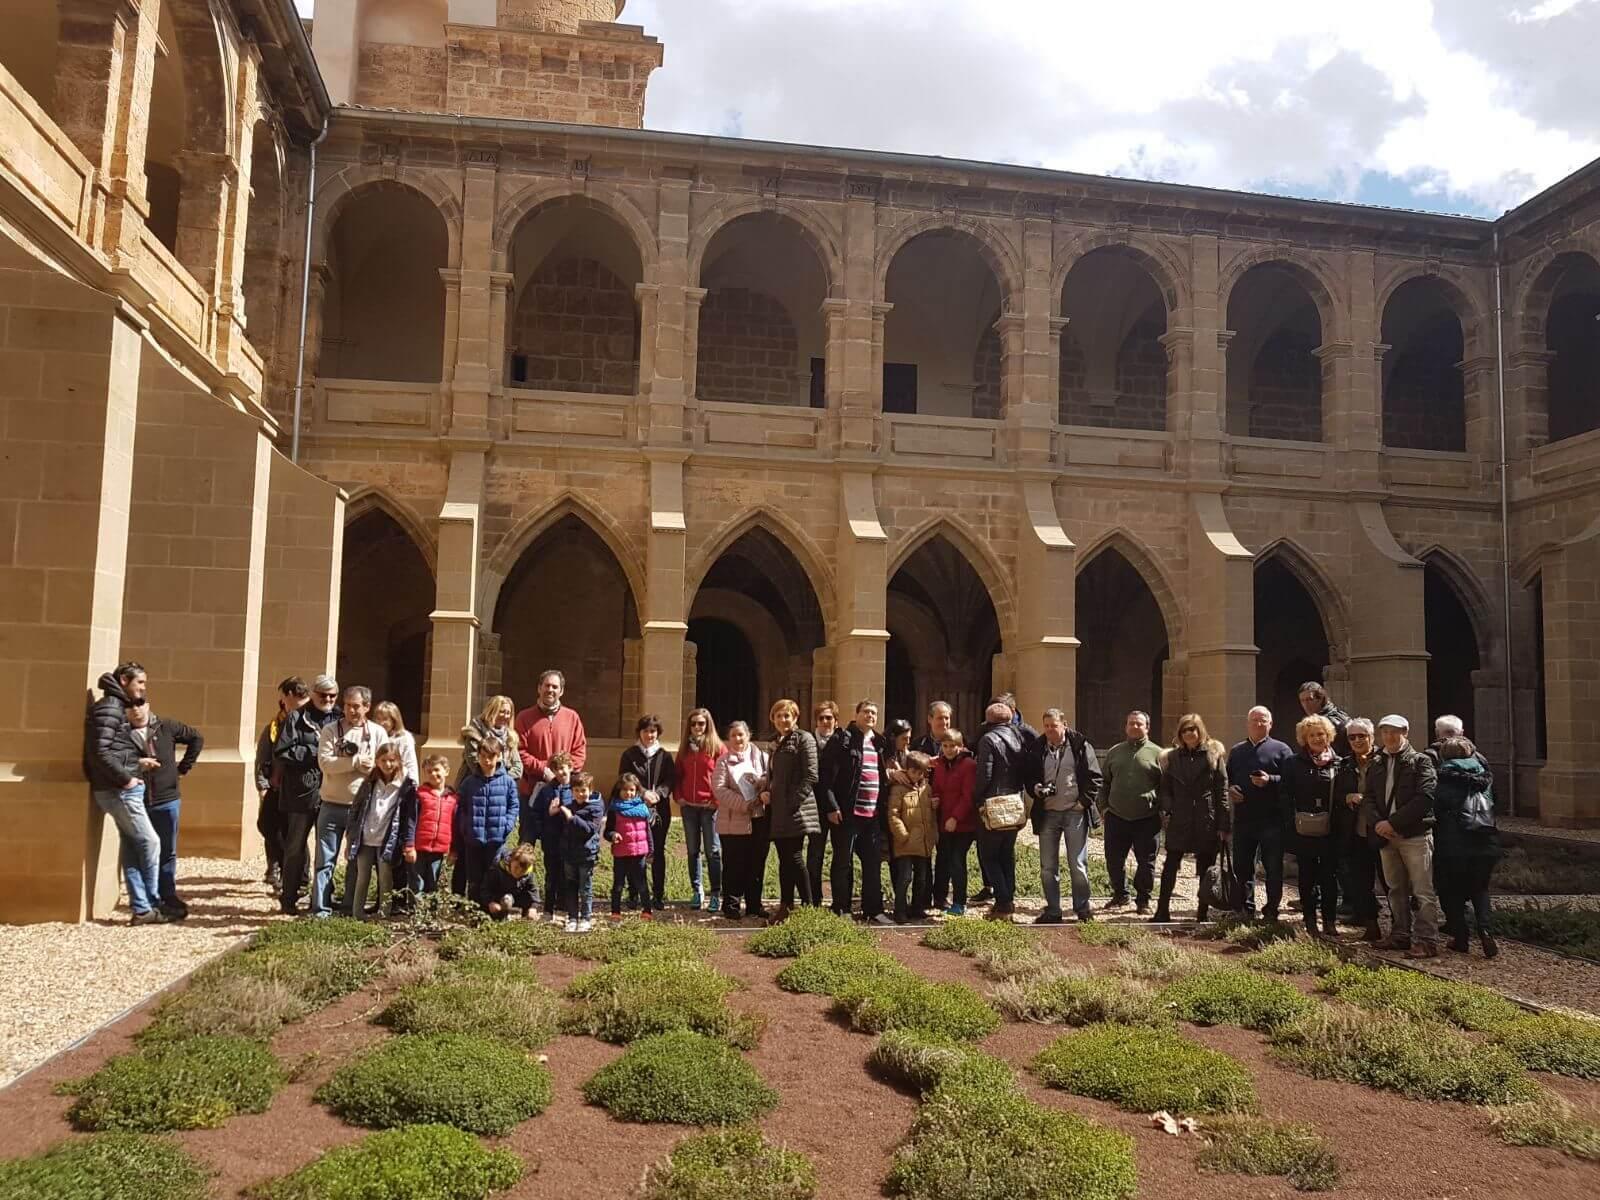 Turismo de Fitero alcanzó la cifra de 1.000 visitantes durante la Semana Santa 2018, de Jueves Santo a Lunes de Pascua.